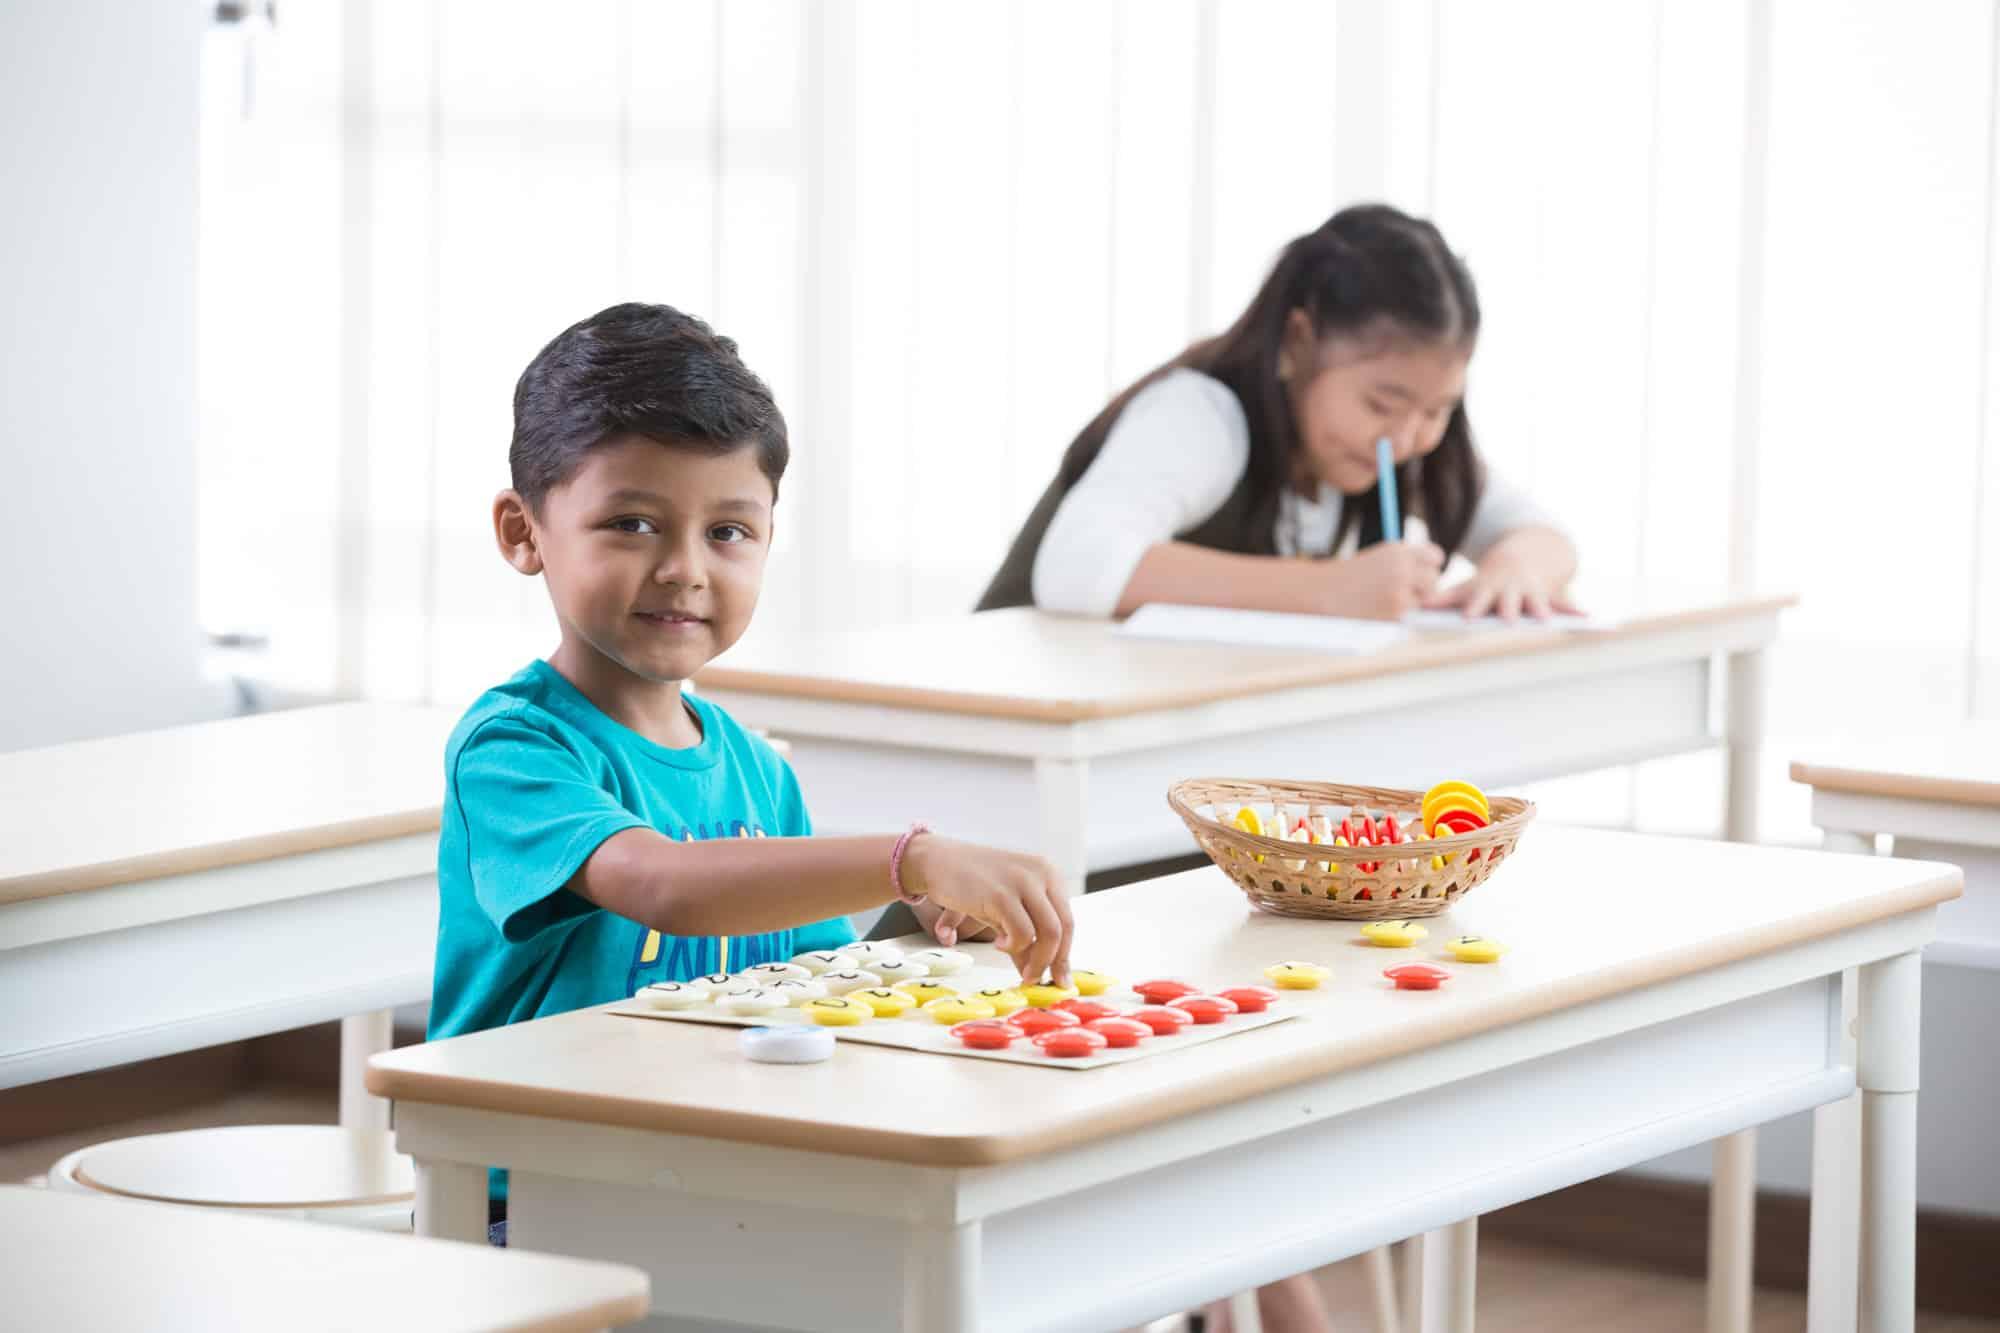 KUMON METHOD OF LEARNING UNLOCKS YOUR CHILD'S HIDDEN ABILITIES